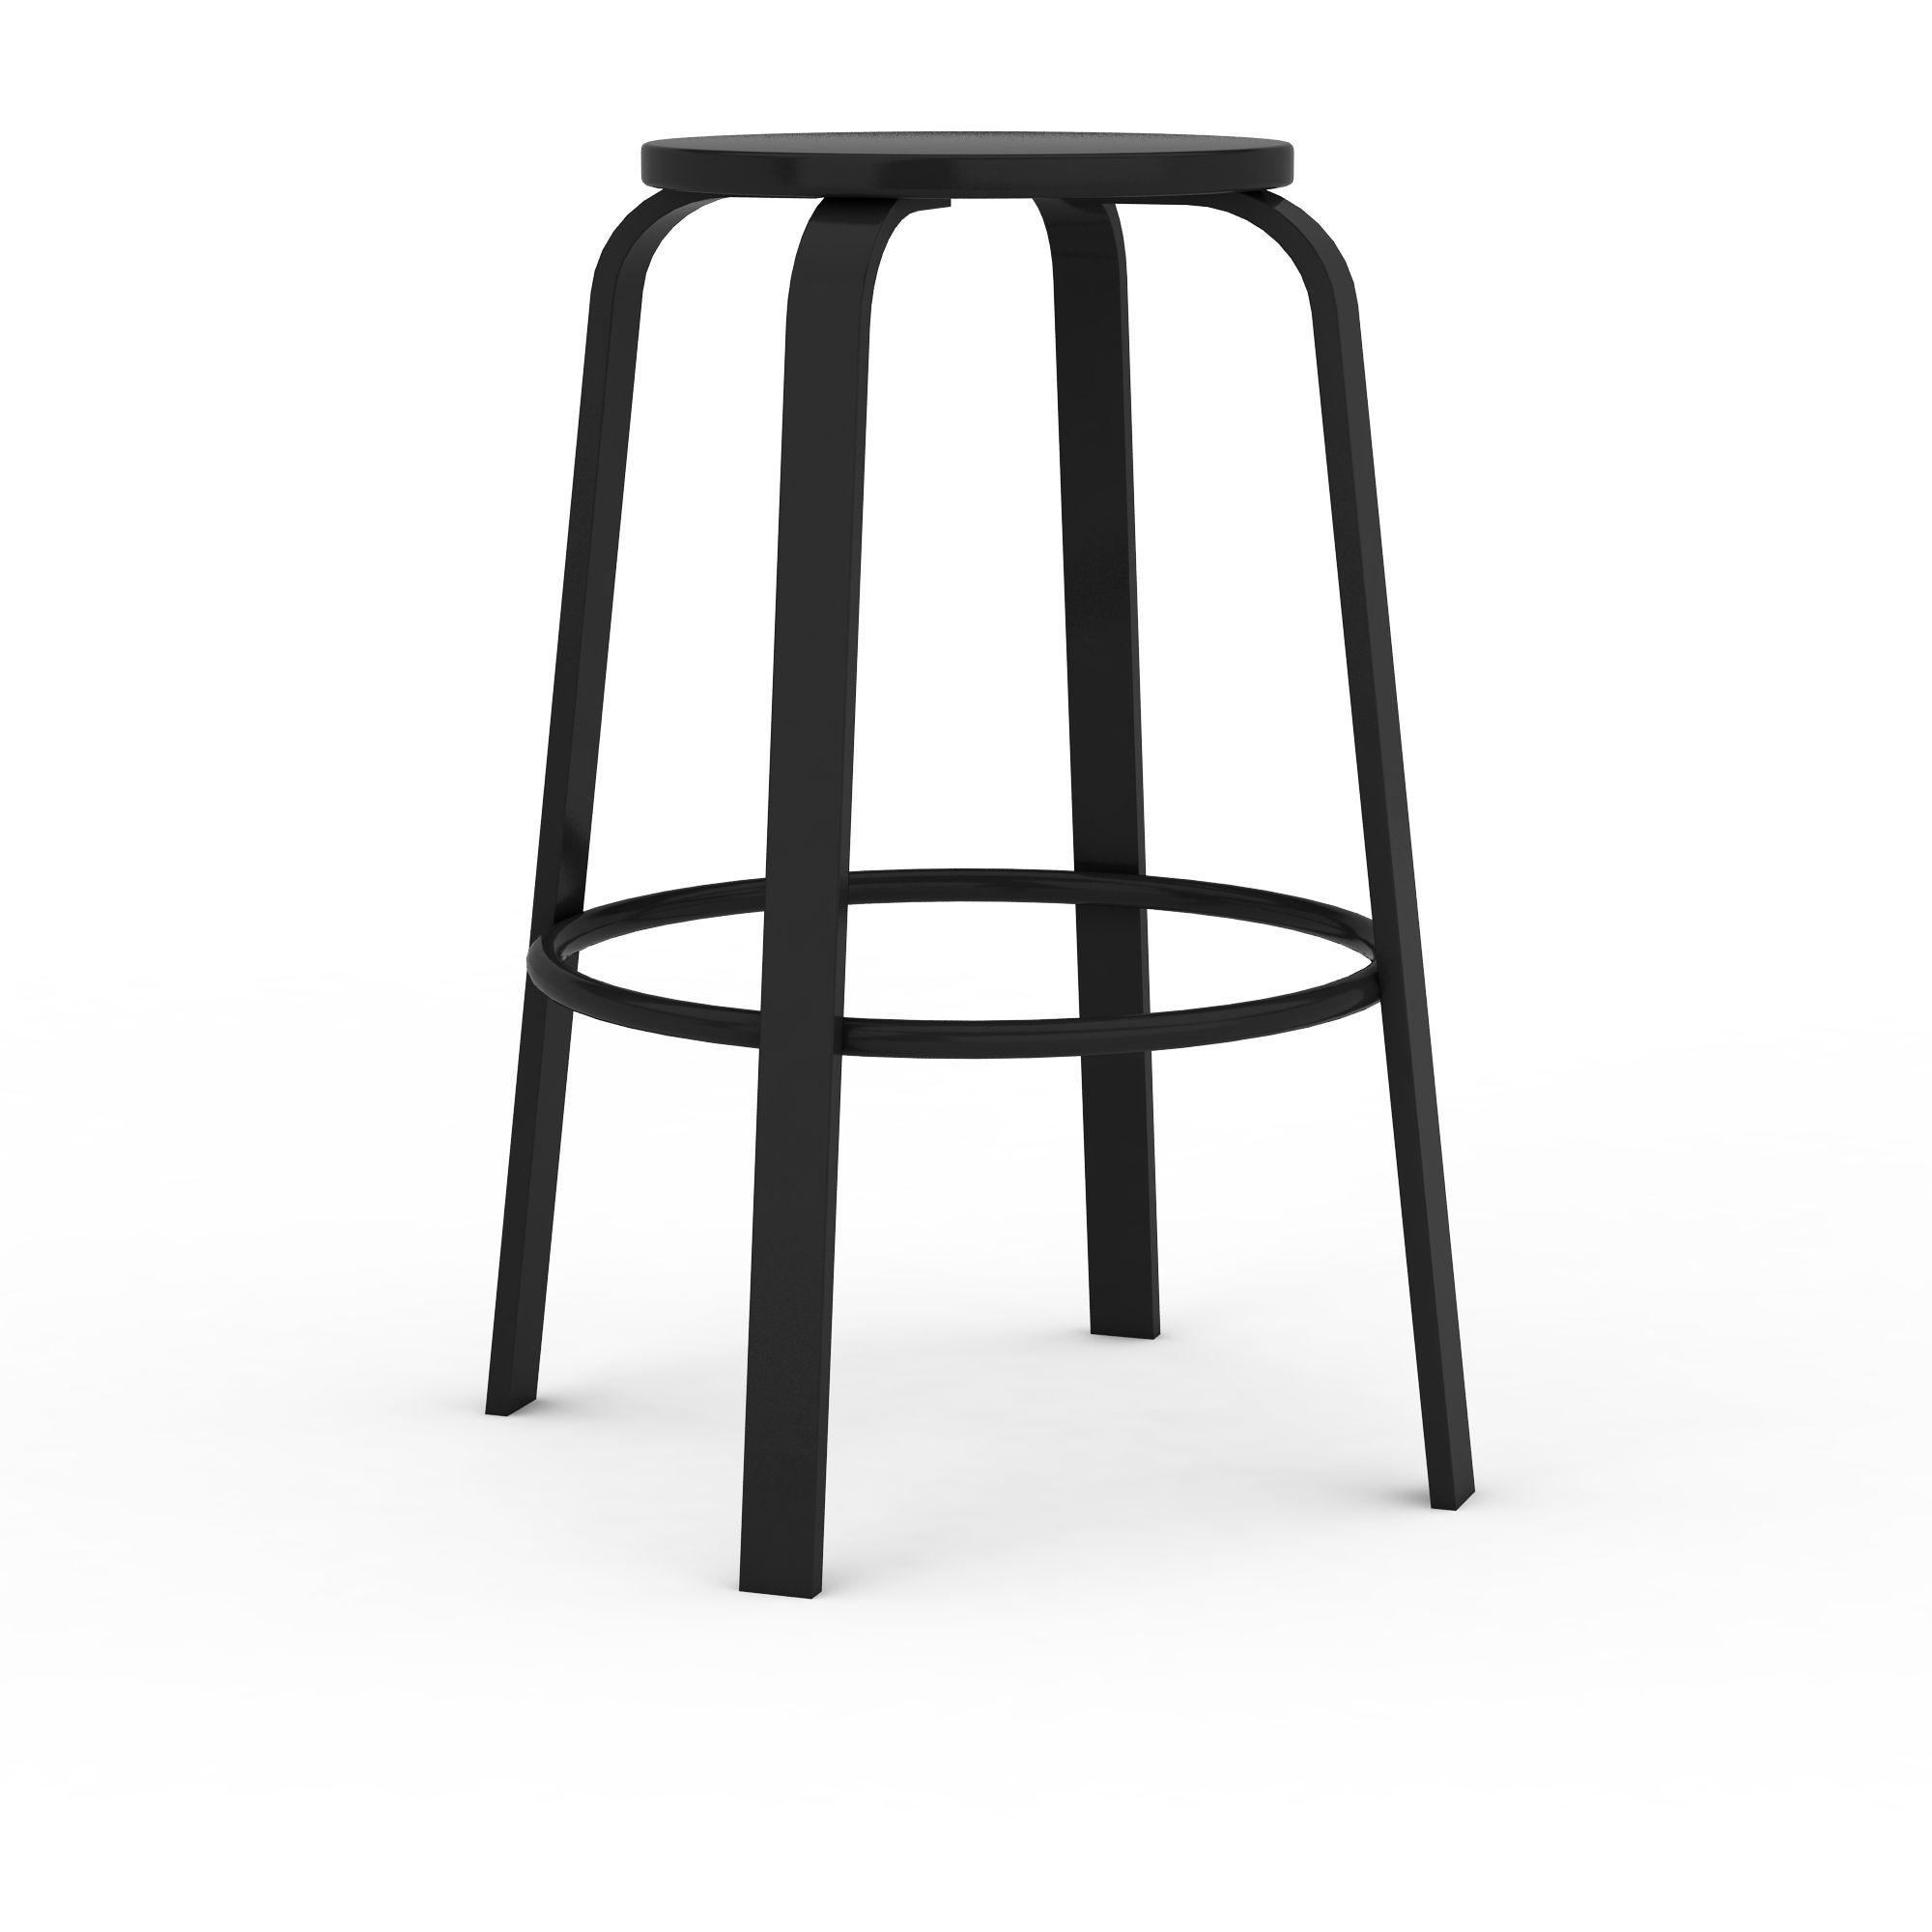 凳子3d模型高脚凳3d模型简约凳子3d模型圆凳3d模型 相关图片素材下载